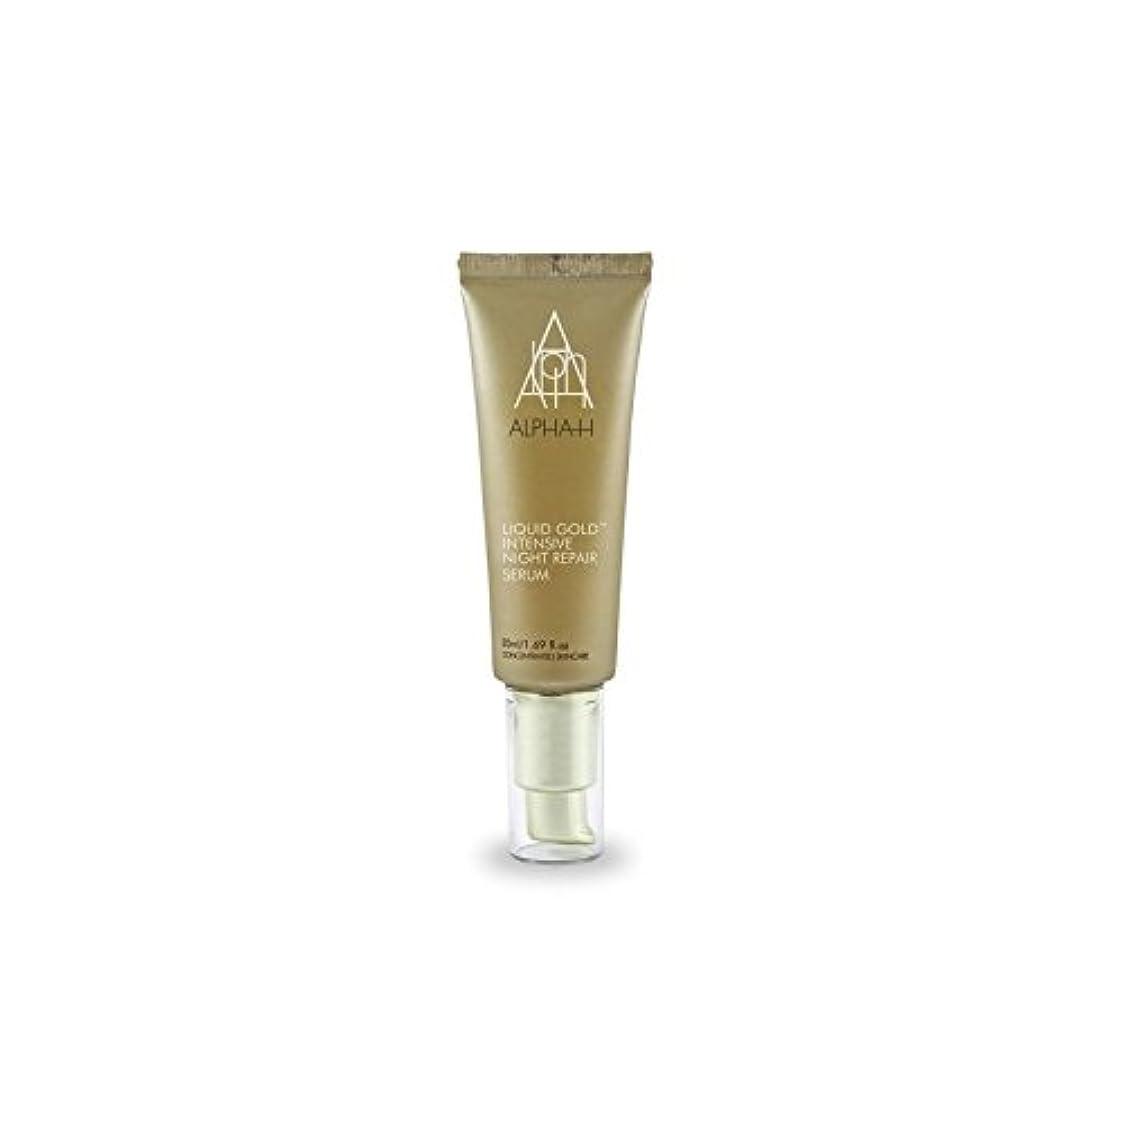 敵対的夢目指すアルファ時間の液体の金の集中夜の修理血清(50ミリリットル) x4 - Alpha-H Liquid Gold Intensive Night Repair Serum (50ml) (Pack of 4) [並行輸入品]